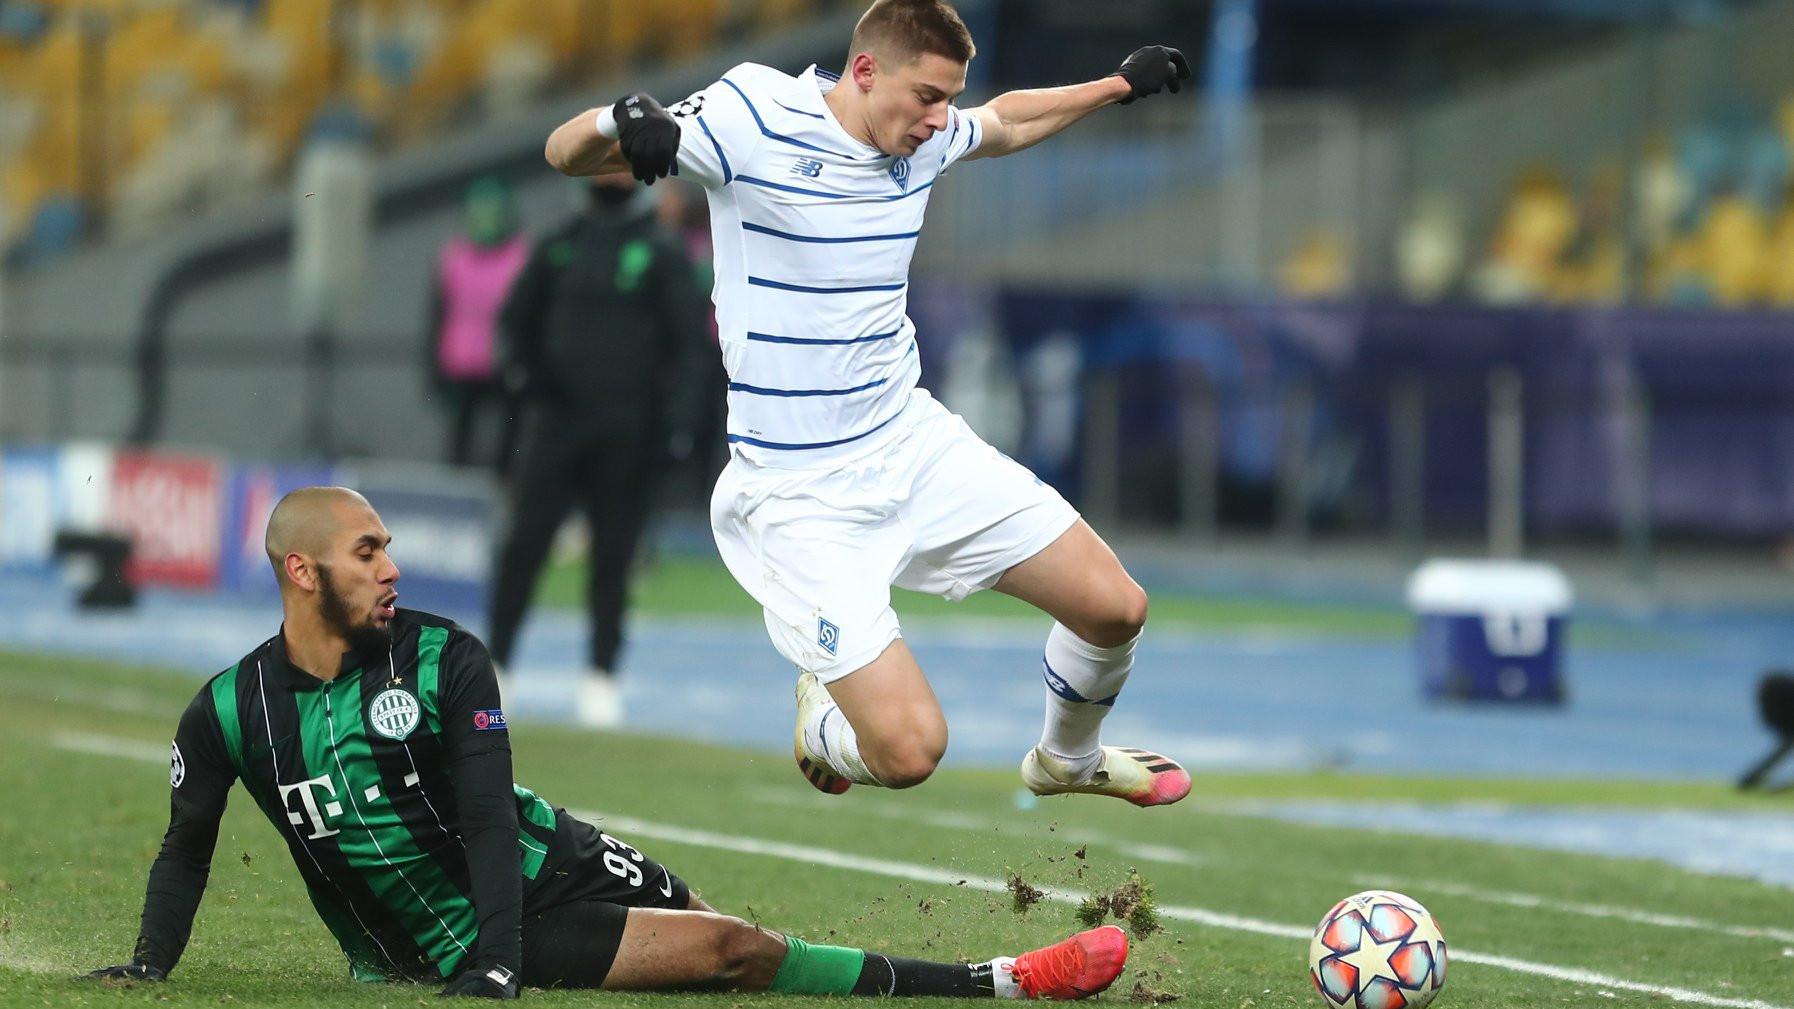 Véget értek a nemzetközi kupaküzdelmek a Ferencvárosnak